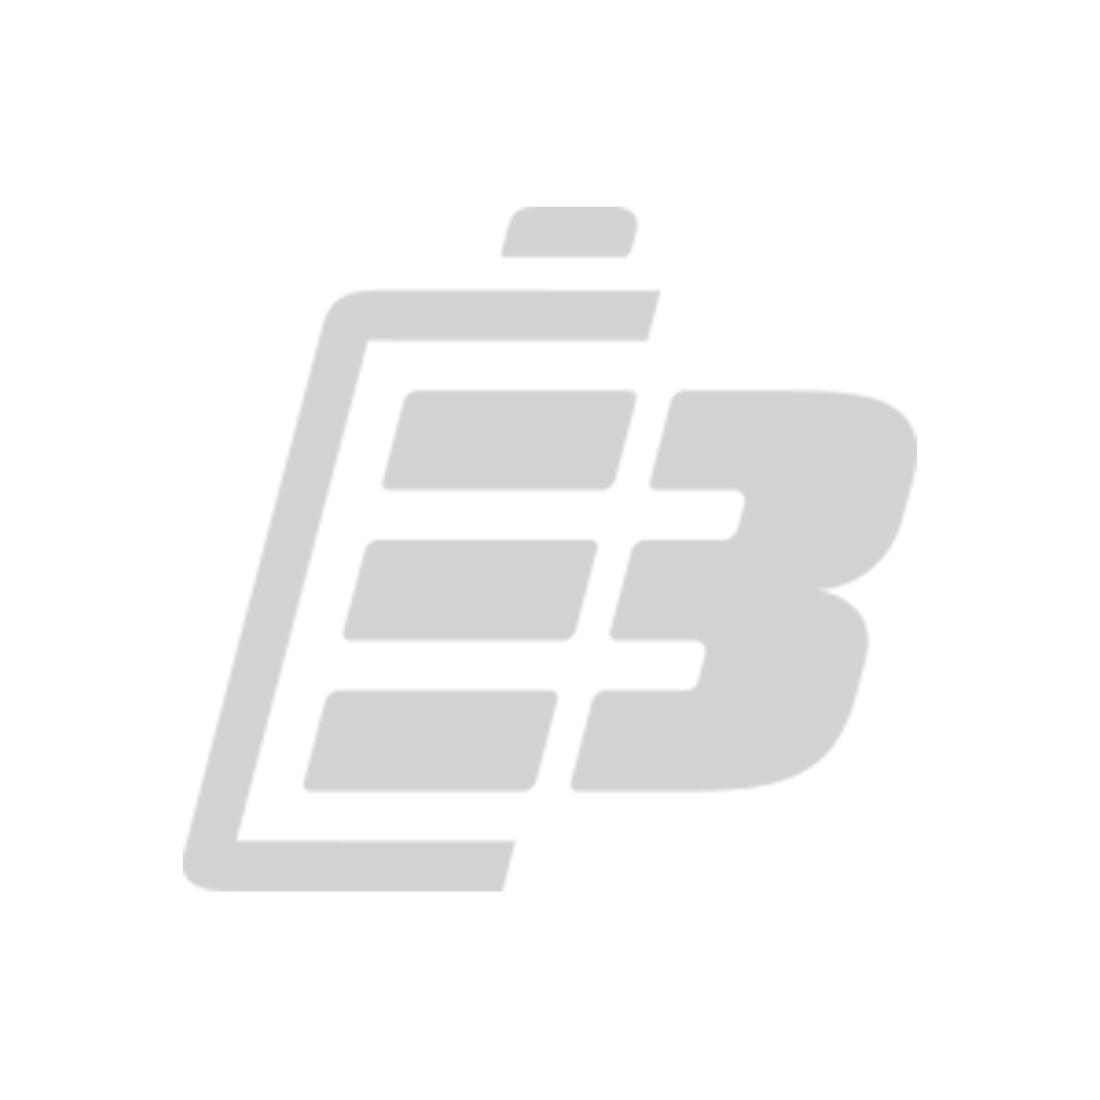 Μπαταρια Μολυβδου Multipower 6V 9Ah